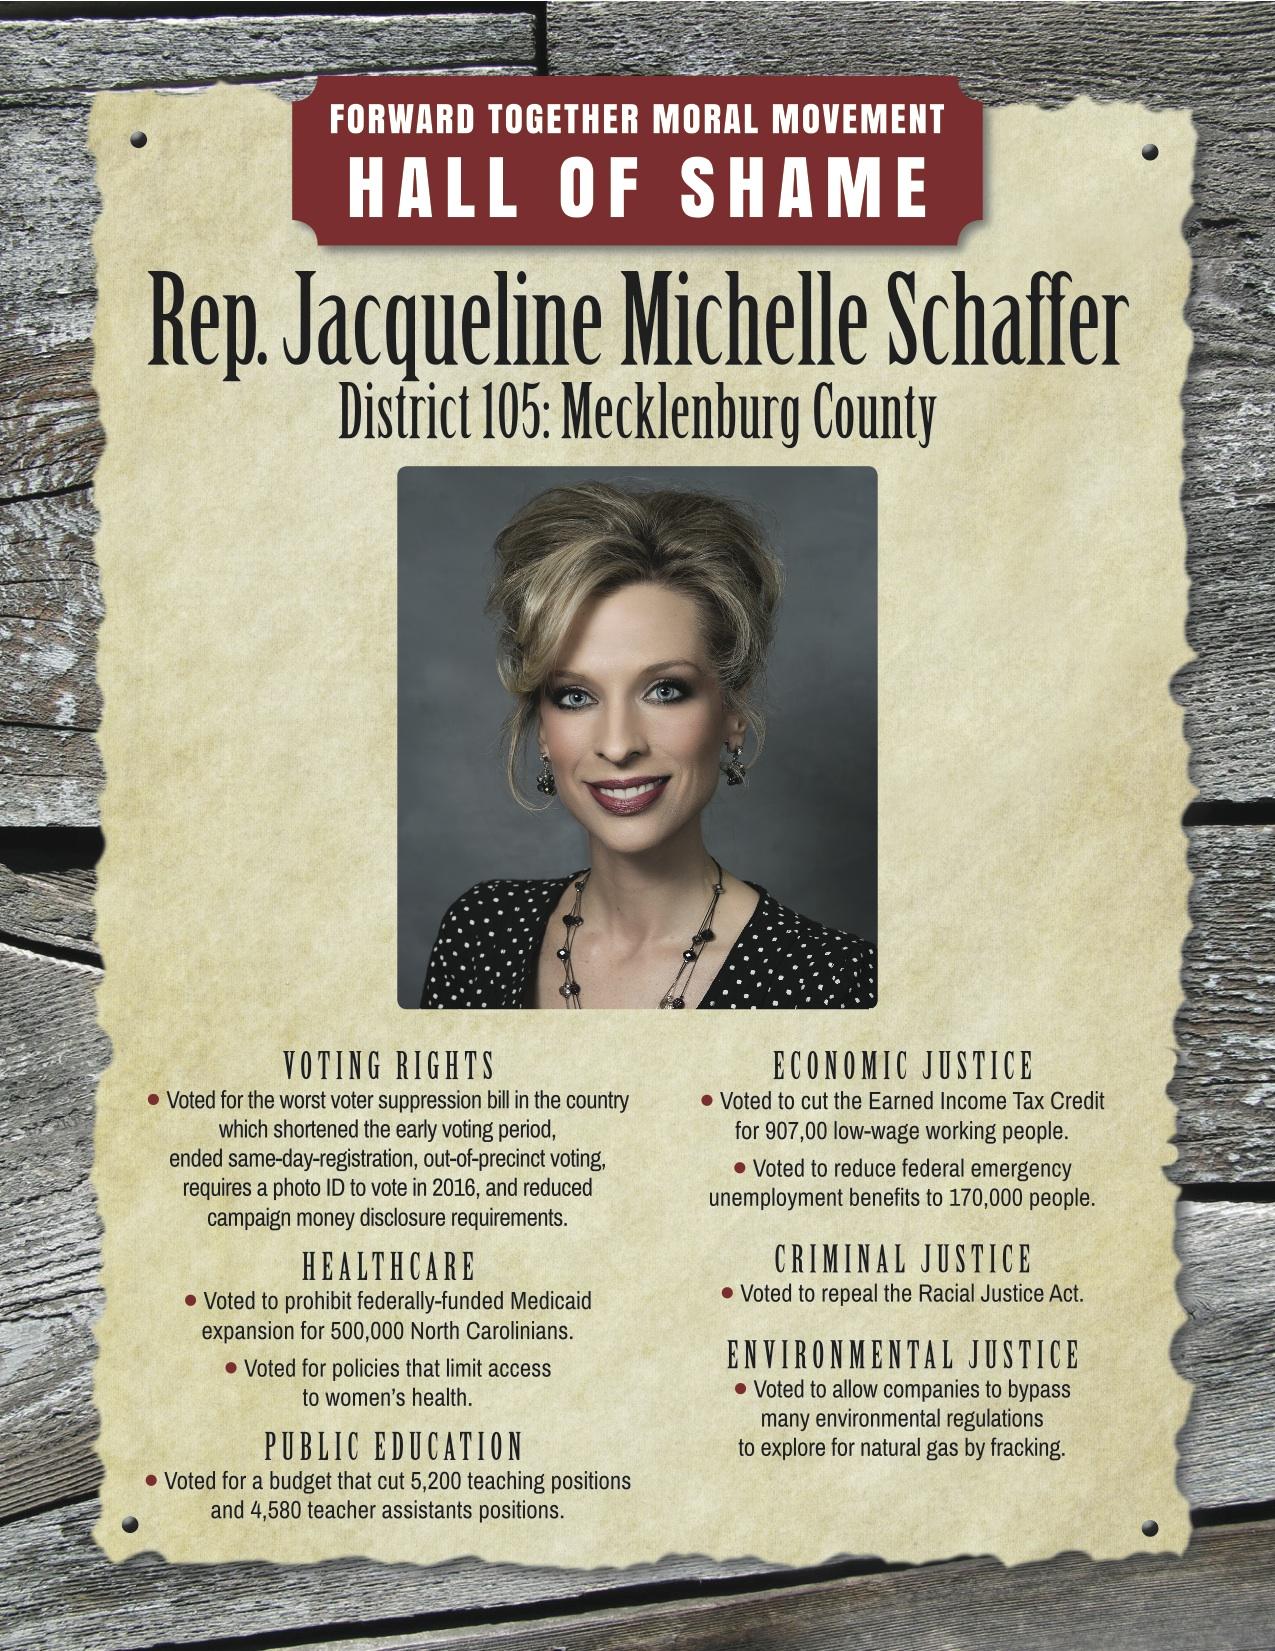 Jacqueline_Schaffer_Hall_of_Shame.jpg